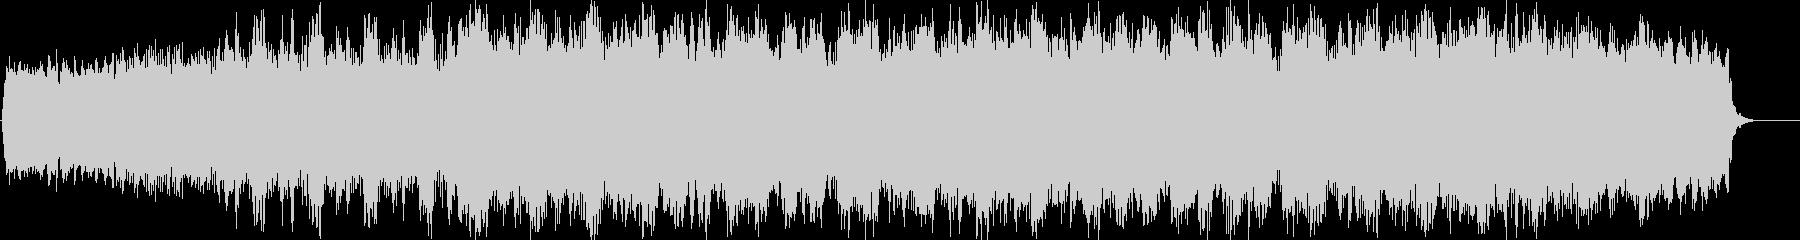 不思議で未来的なイメージのBGMの未再生の波形